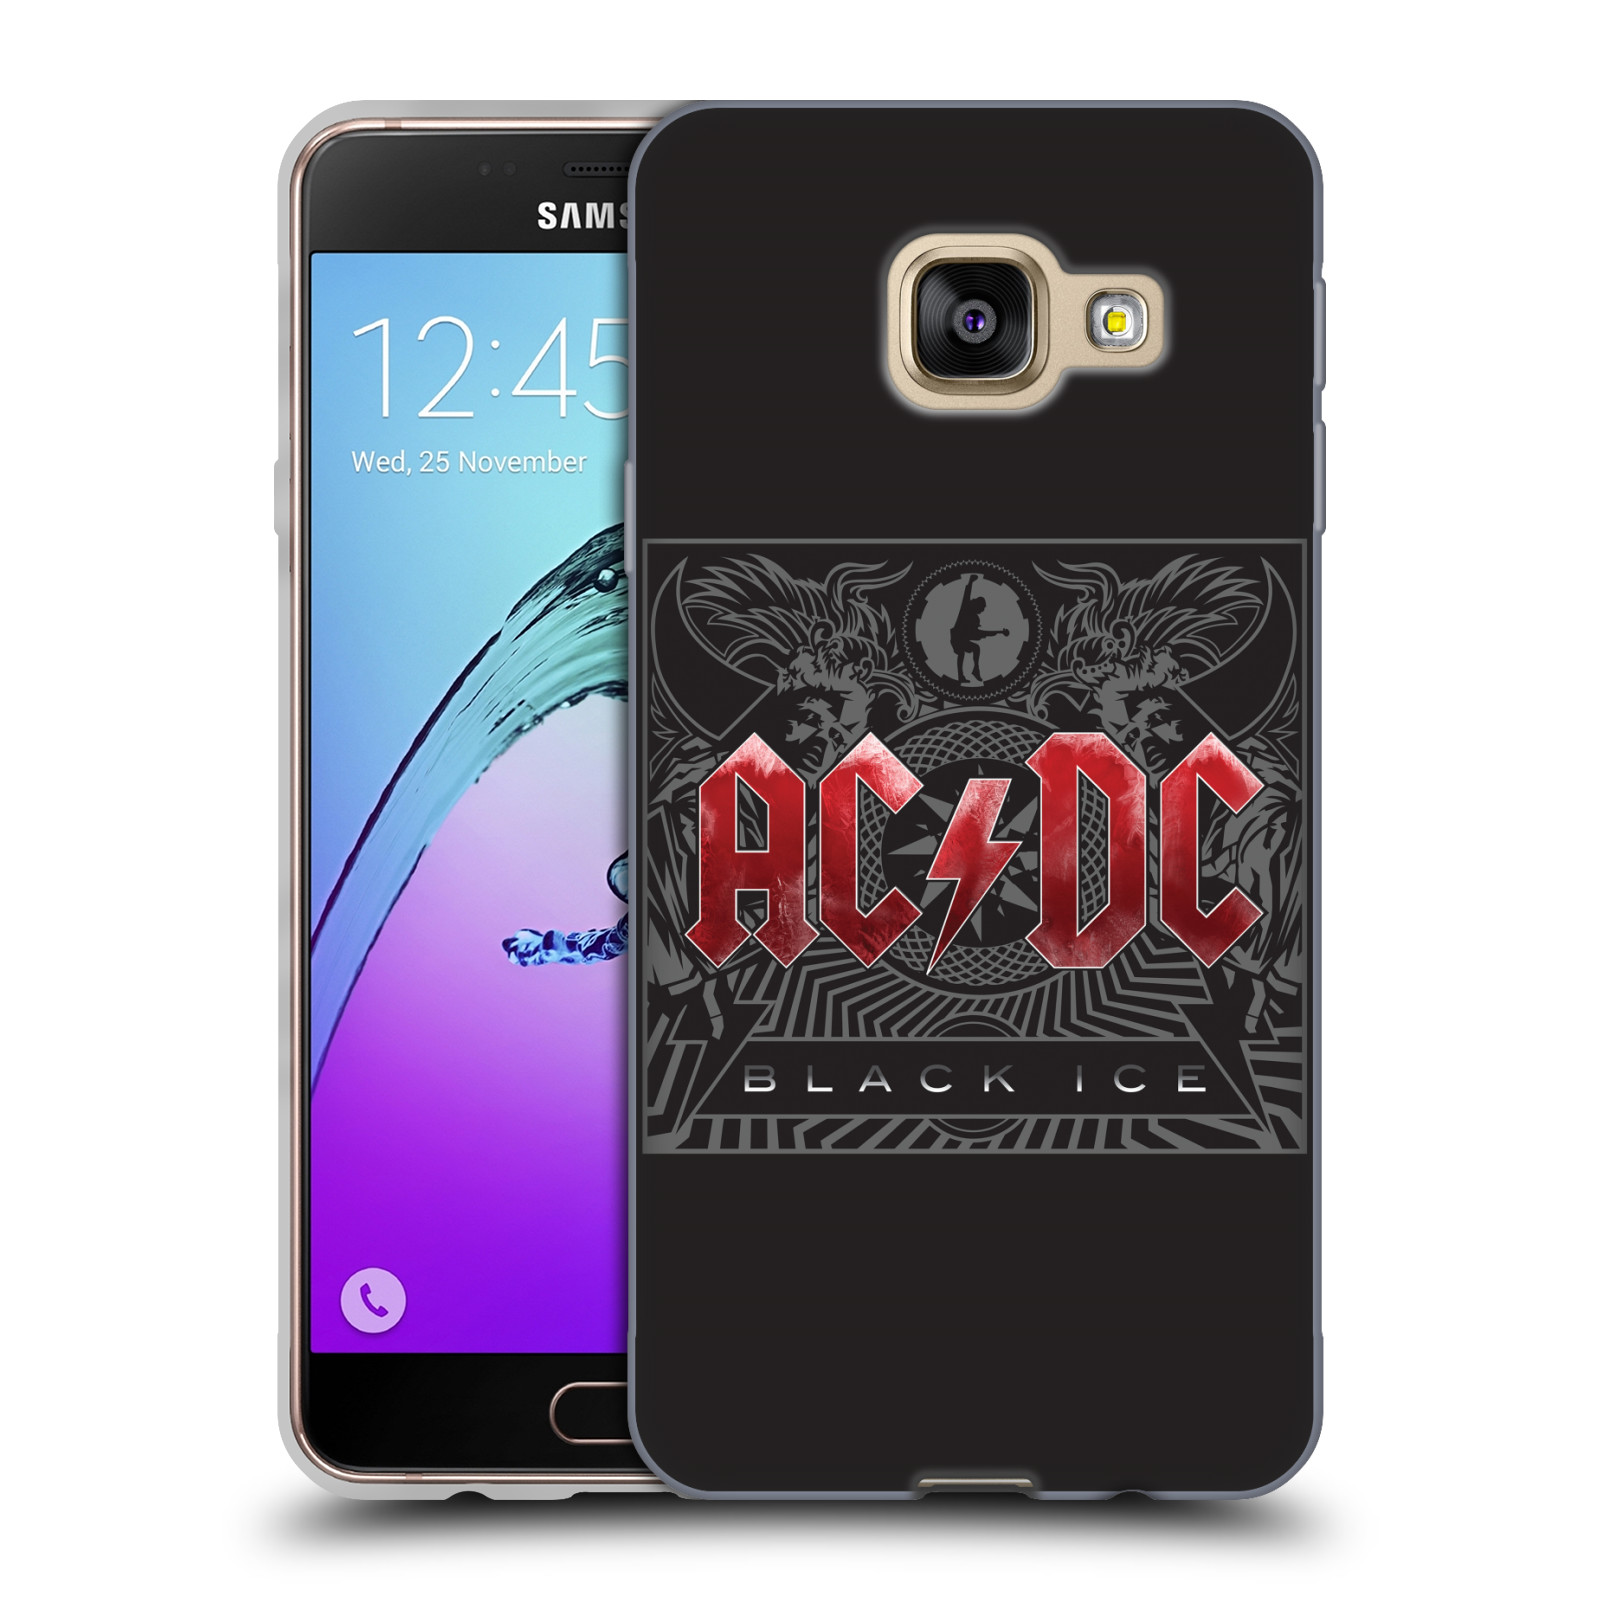 Silikonové pouzdro na mobil Samsung Galaxy A3 (2016) HEAD CASE AC/DC Black Ice (Silikonový kryt či obal na mobilní telefon s oficiálním motivem australské skupiny AC/DC pro Samsung Galaxy A3 (2016) SM-A310F)